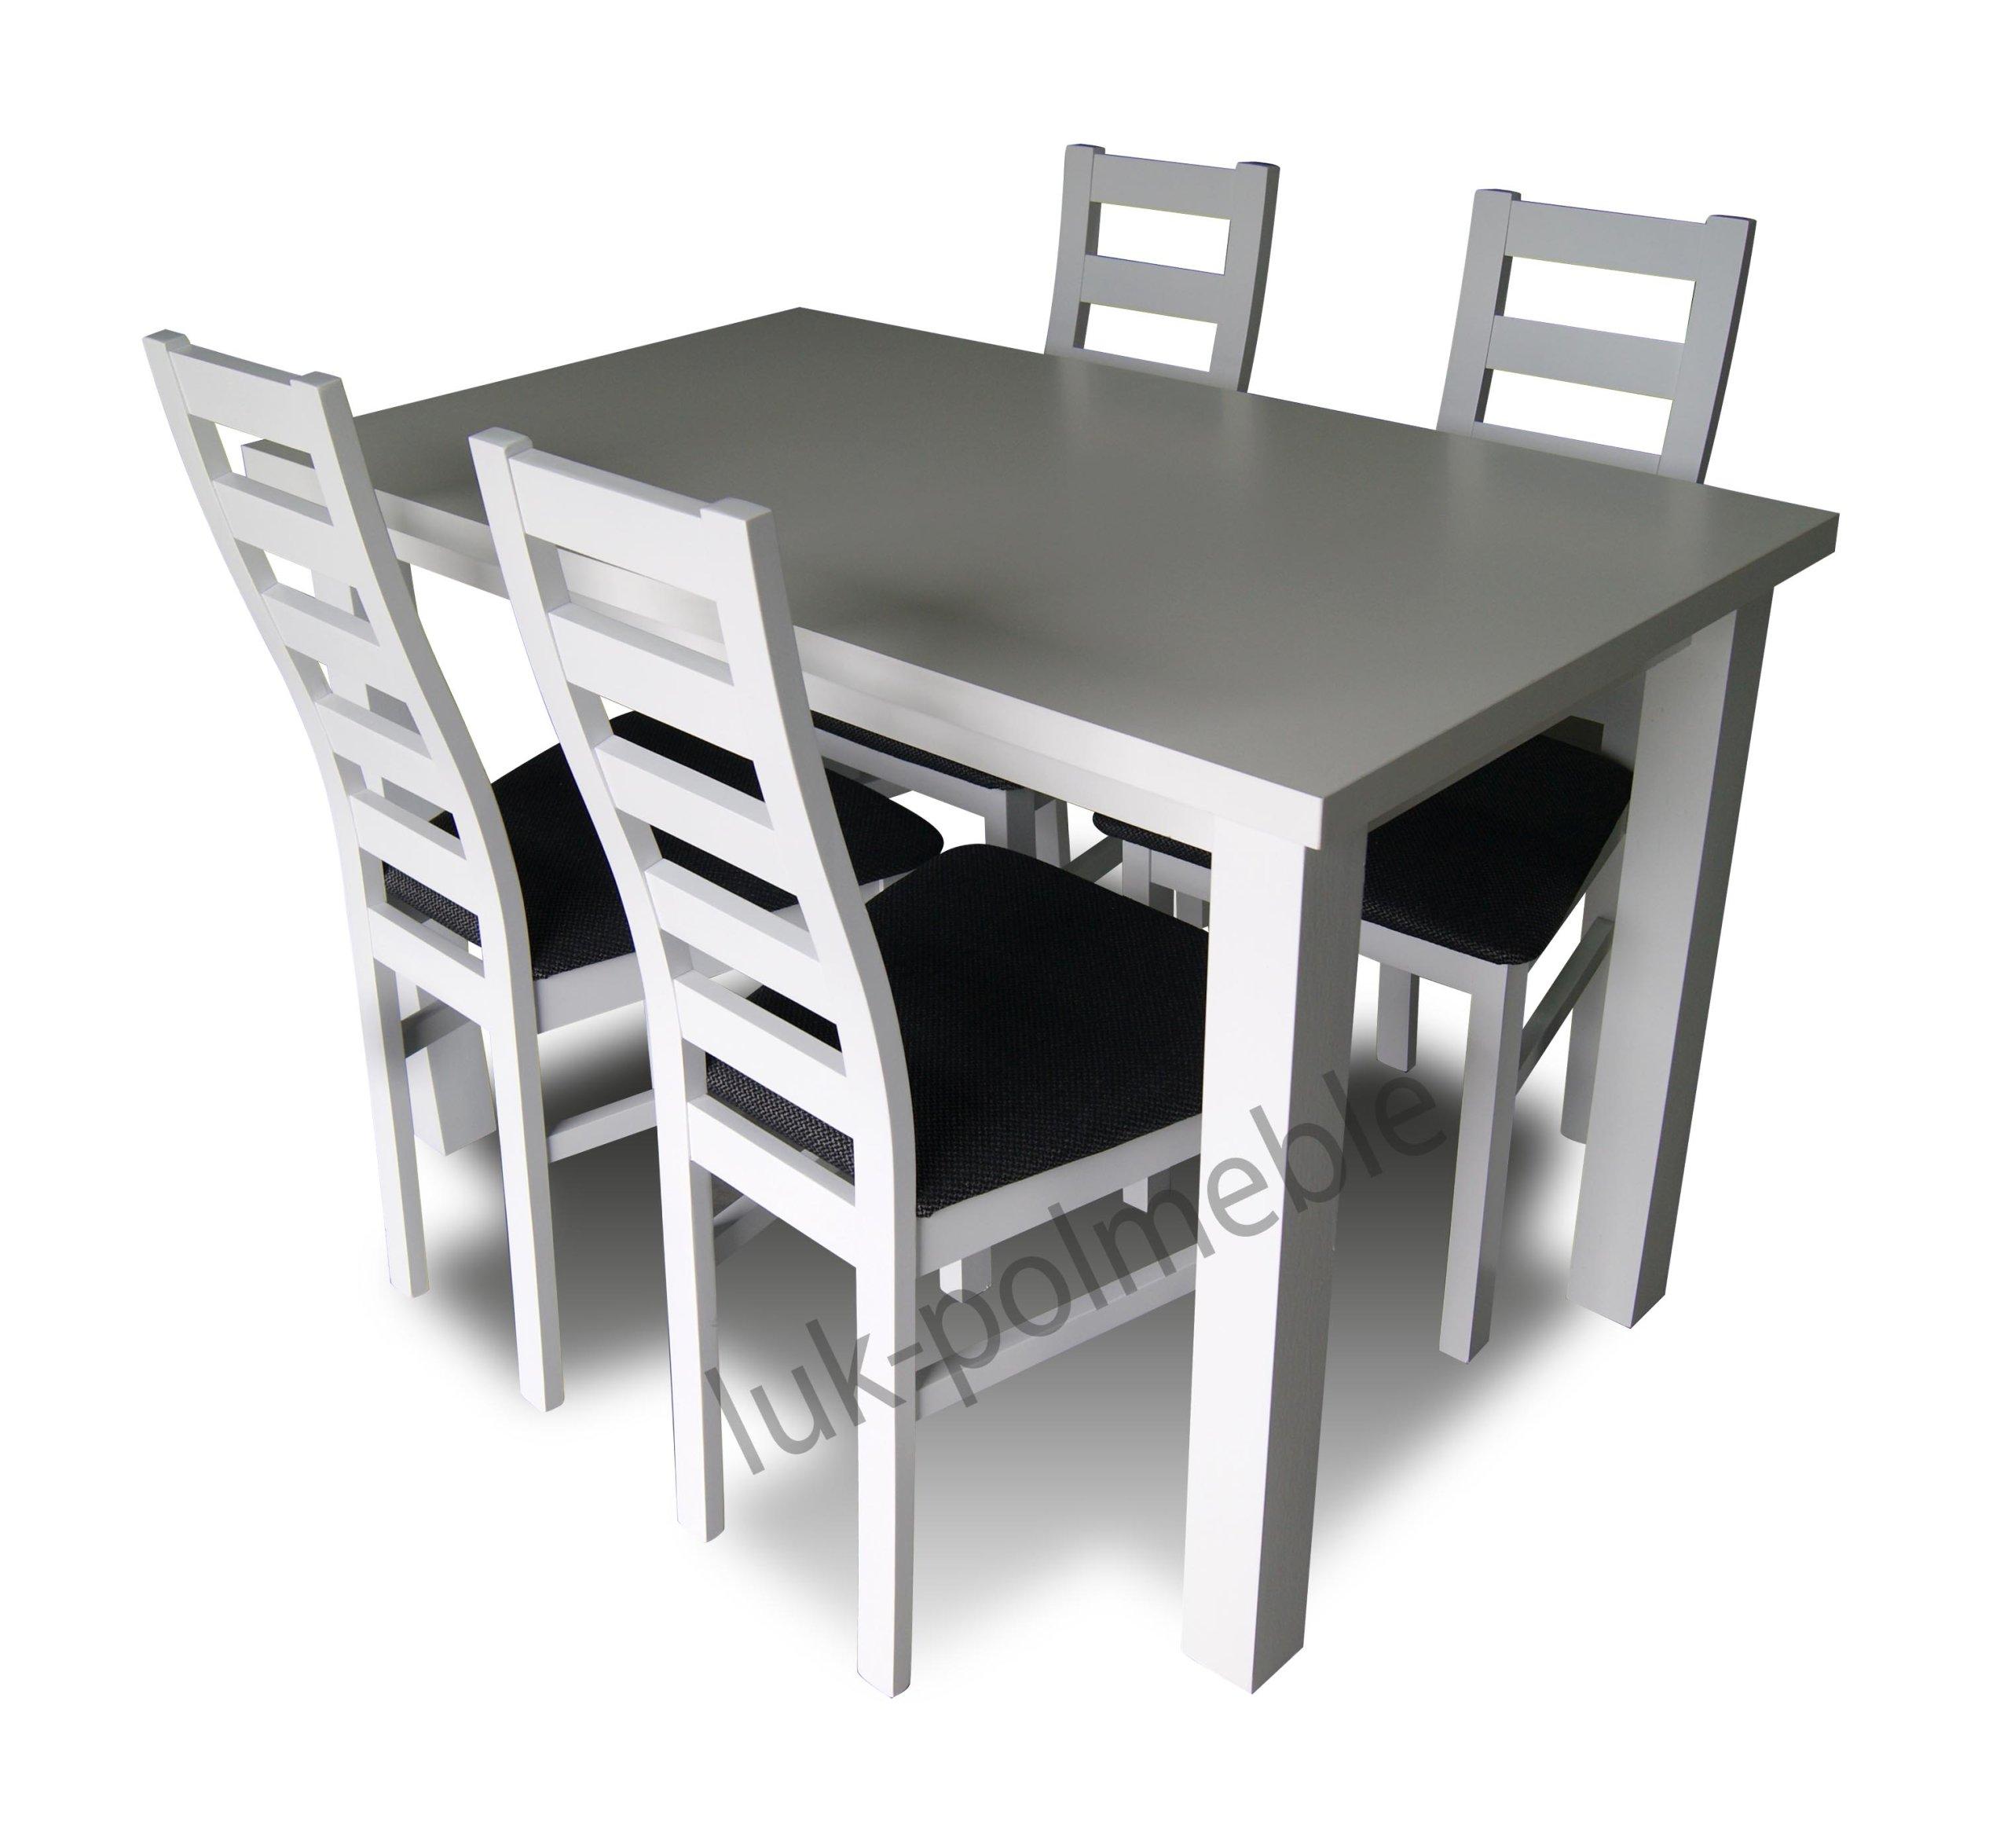 Alex nastaviť Krásne jedálenský Stôl so Stoličkami v Jedálni